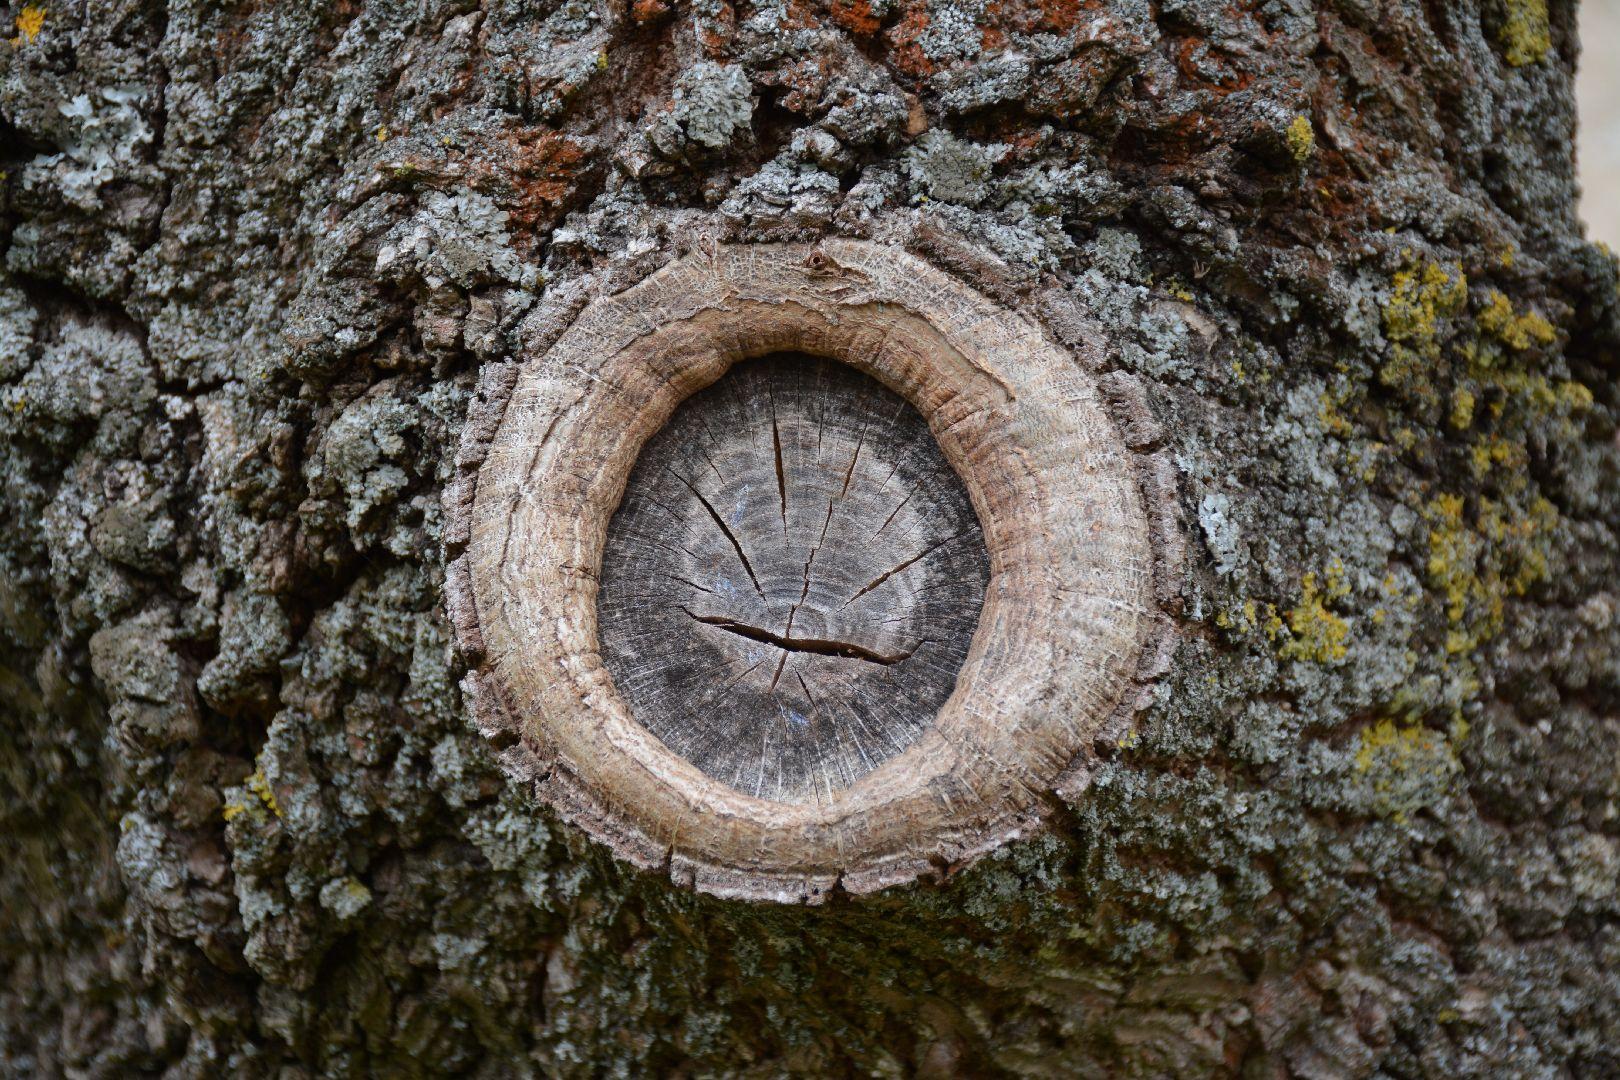 Callusbildung an einem Baum